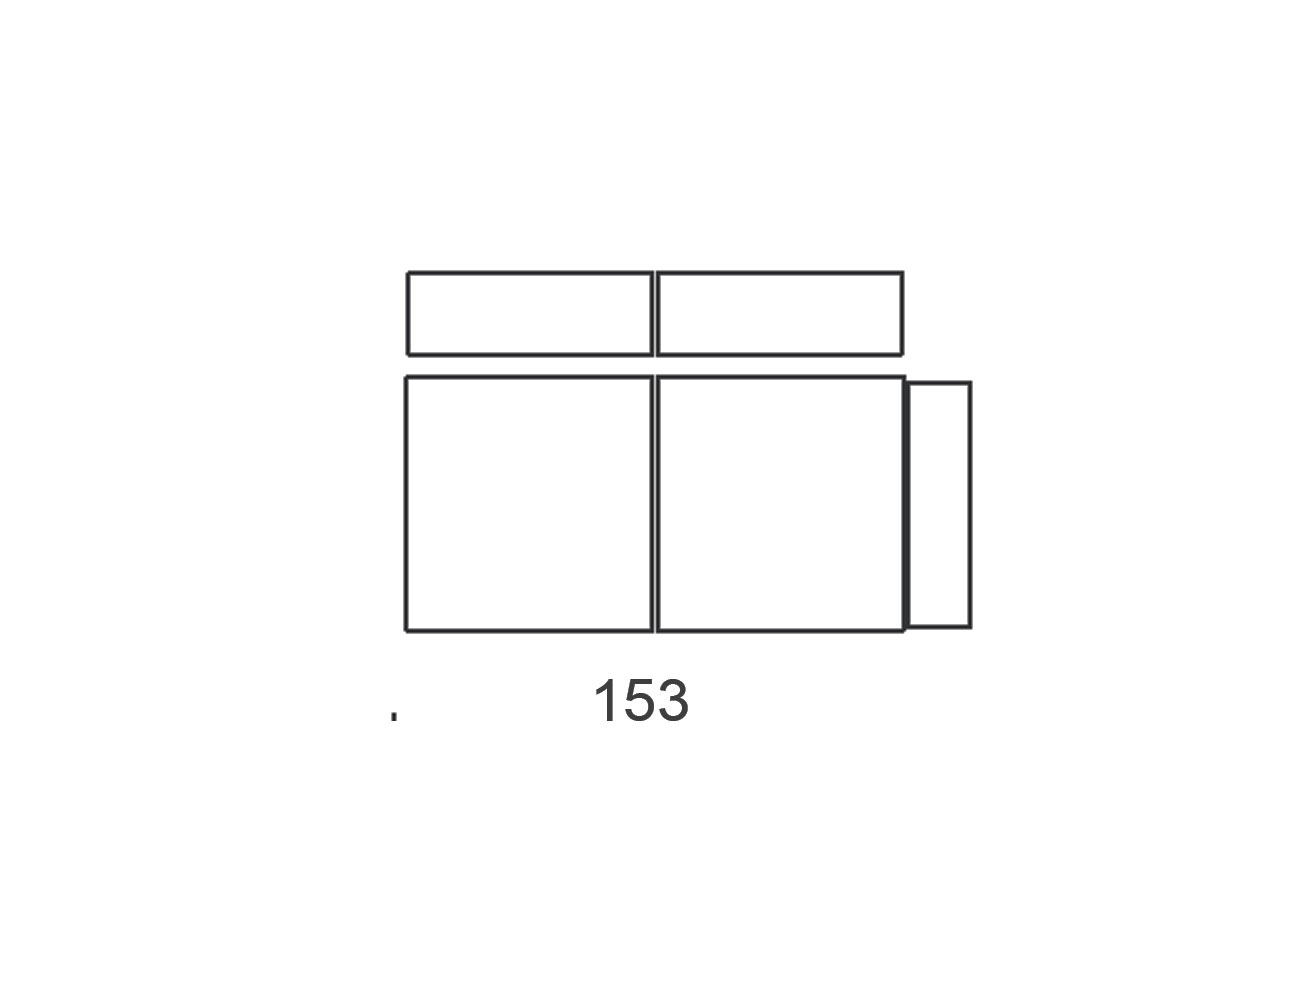 Modulo 1531